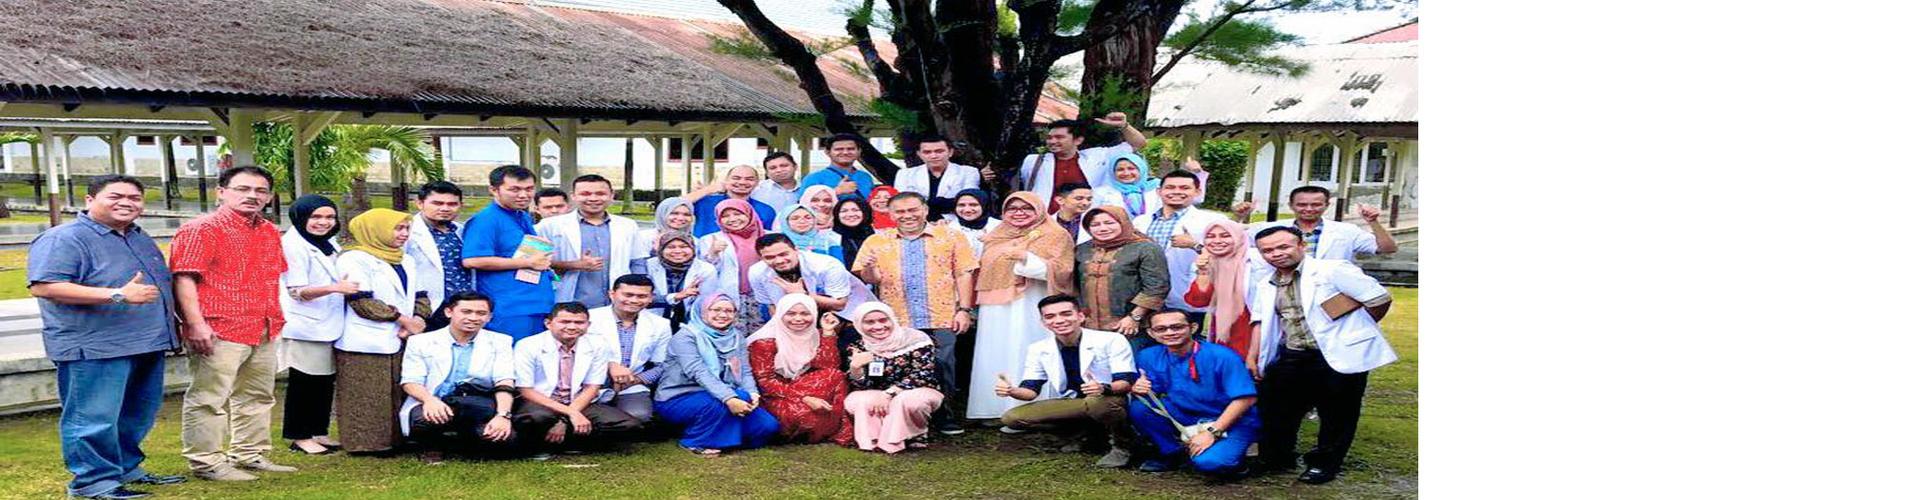 Fakultas Obgin Unsyiah Banda Aceh